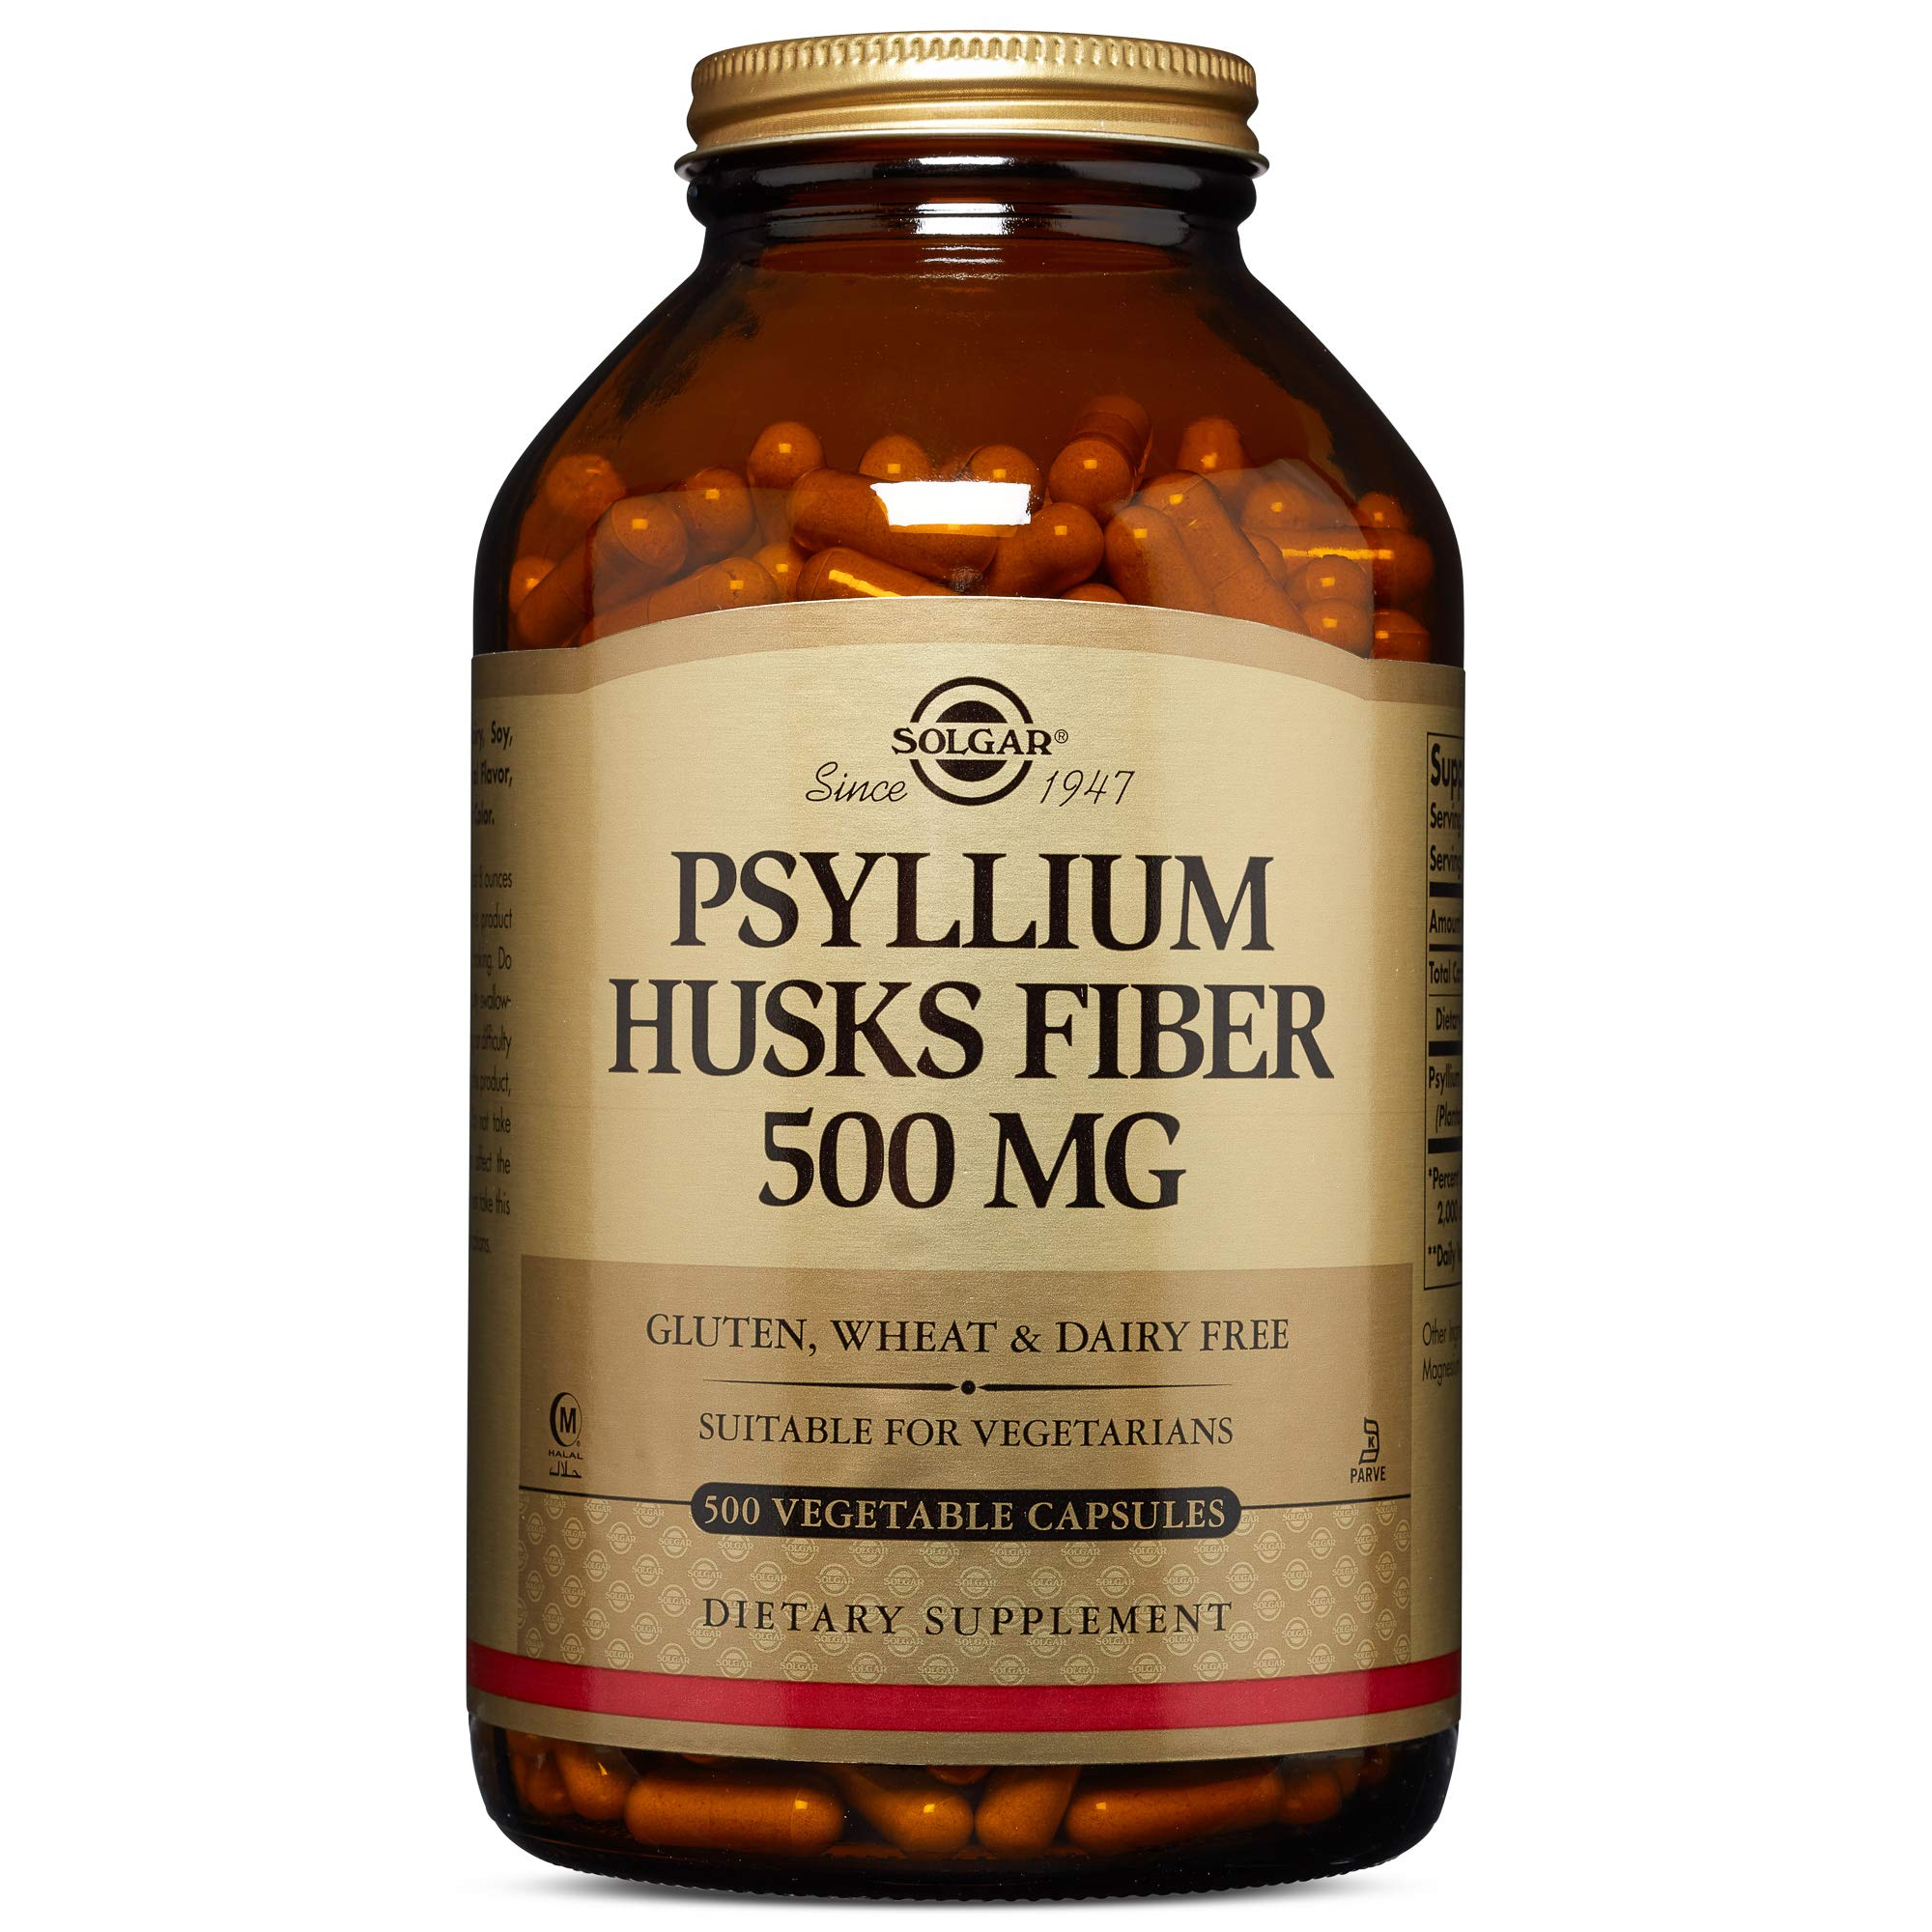 Solgar - Psyllium Husks Fiber 500 mg, 500 Vegetable Capsules by Solgar